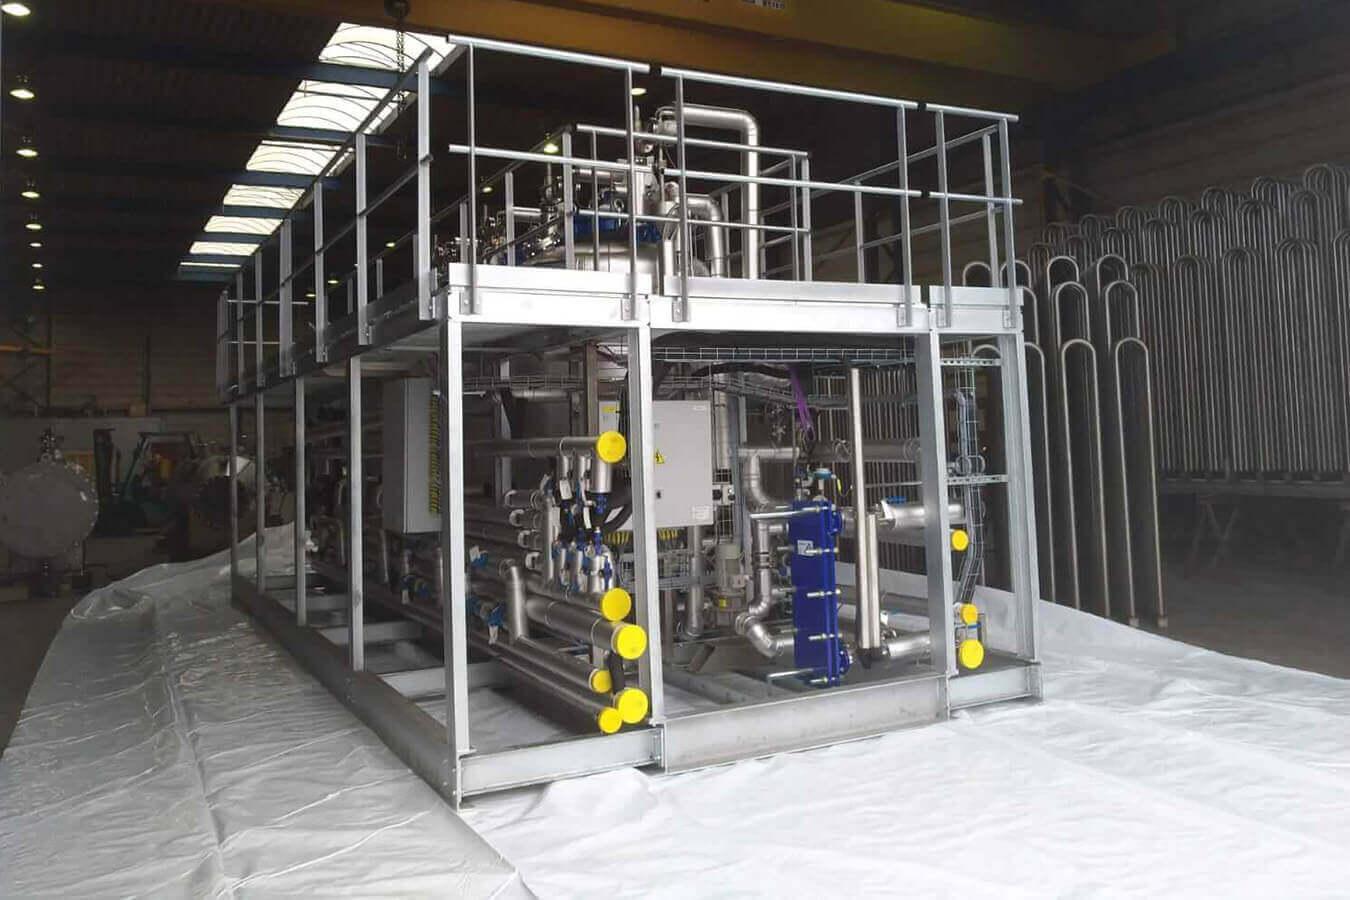 walupack-services-bescherming-van-een-skid-met-krimpfolie-van-300-micron-2